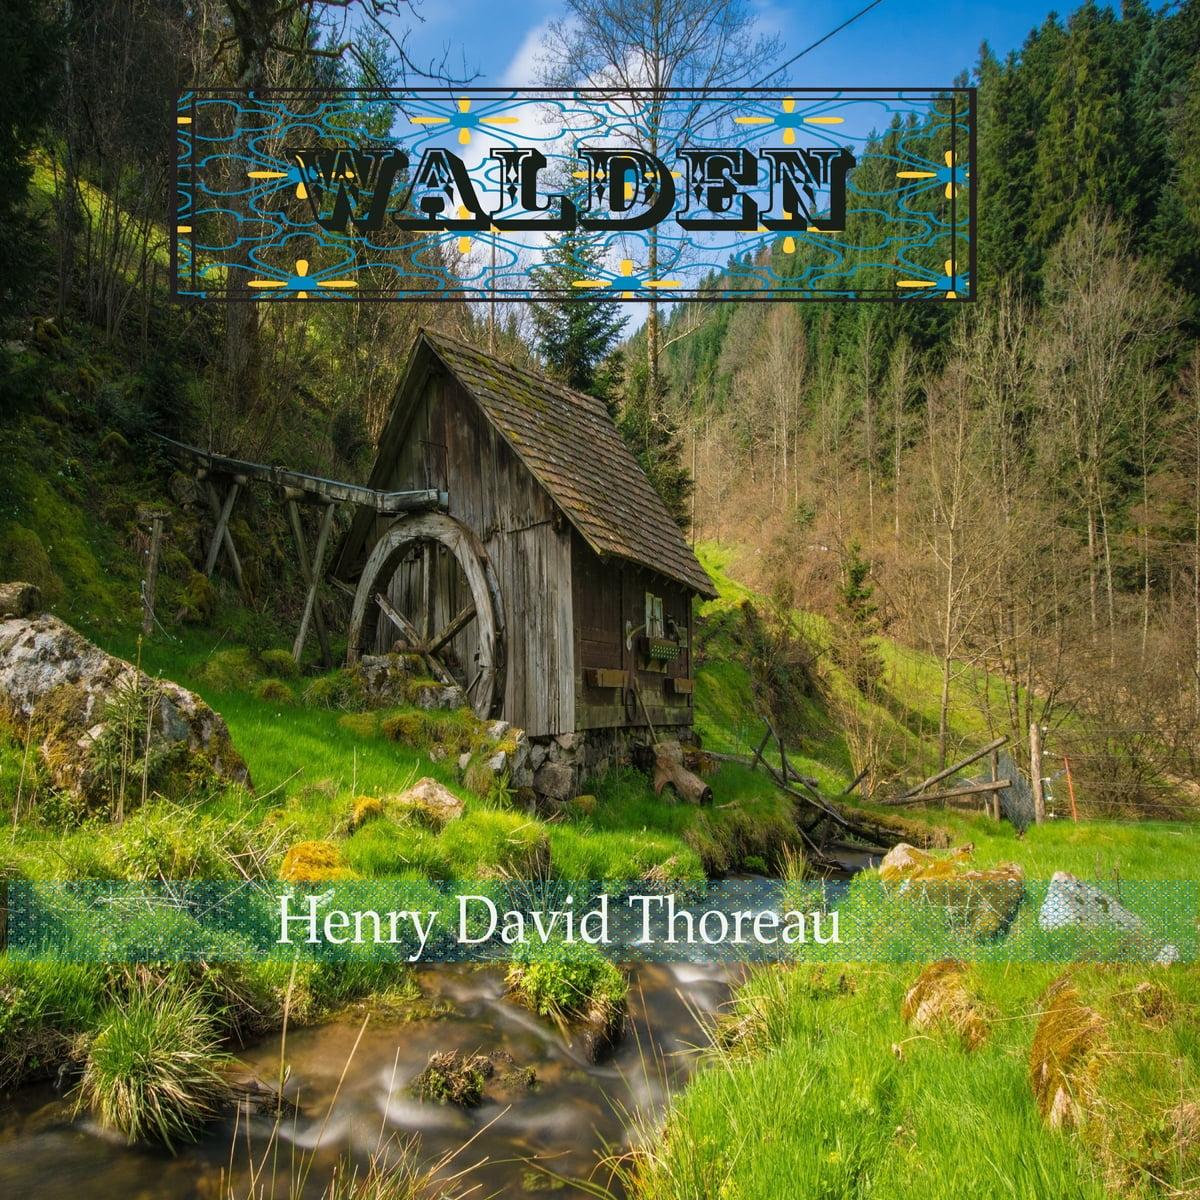 walden by henry david